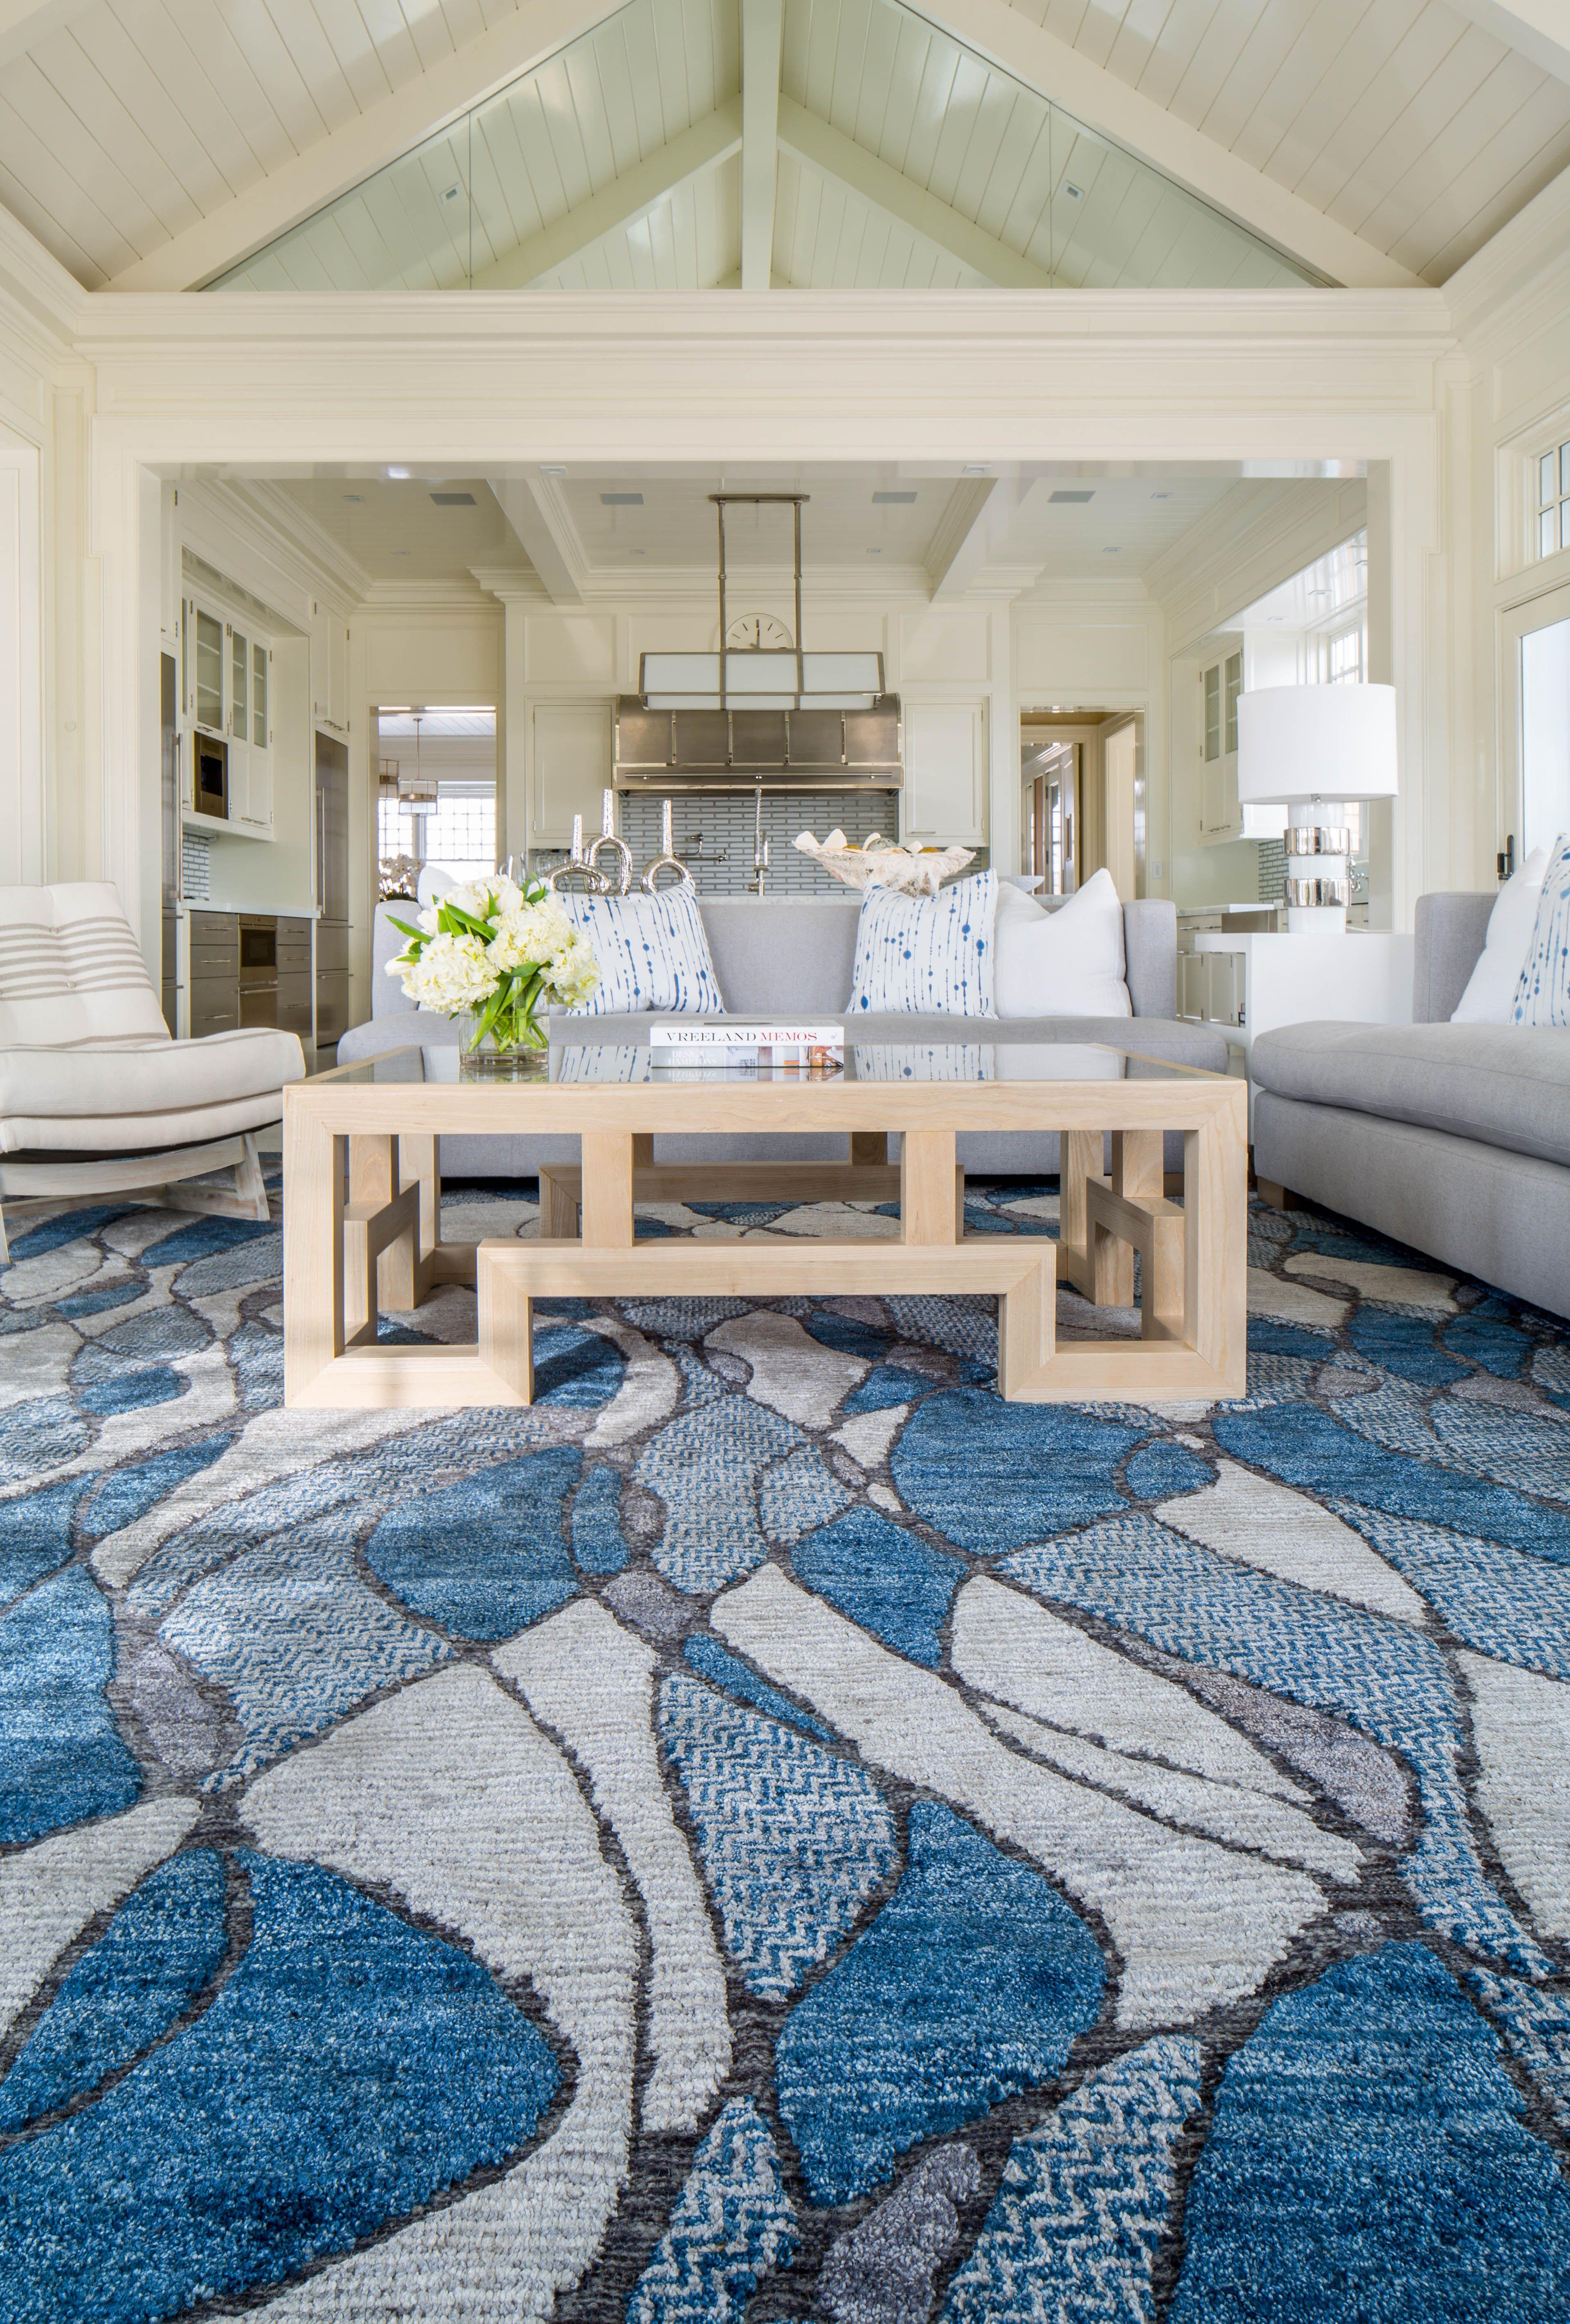 Riptide In Ice Sapphire Collection Vol 2 Stark Carpet Design Inspo Design Interior Design